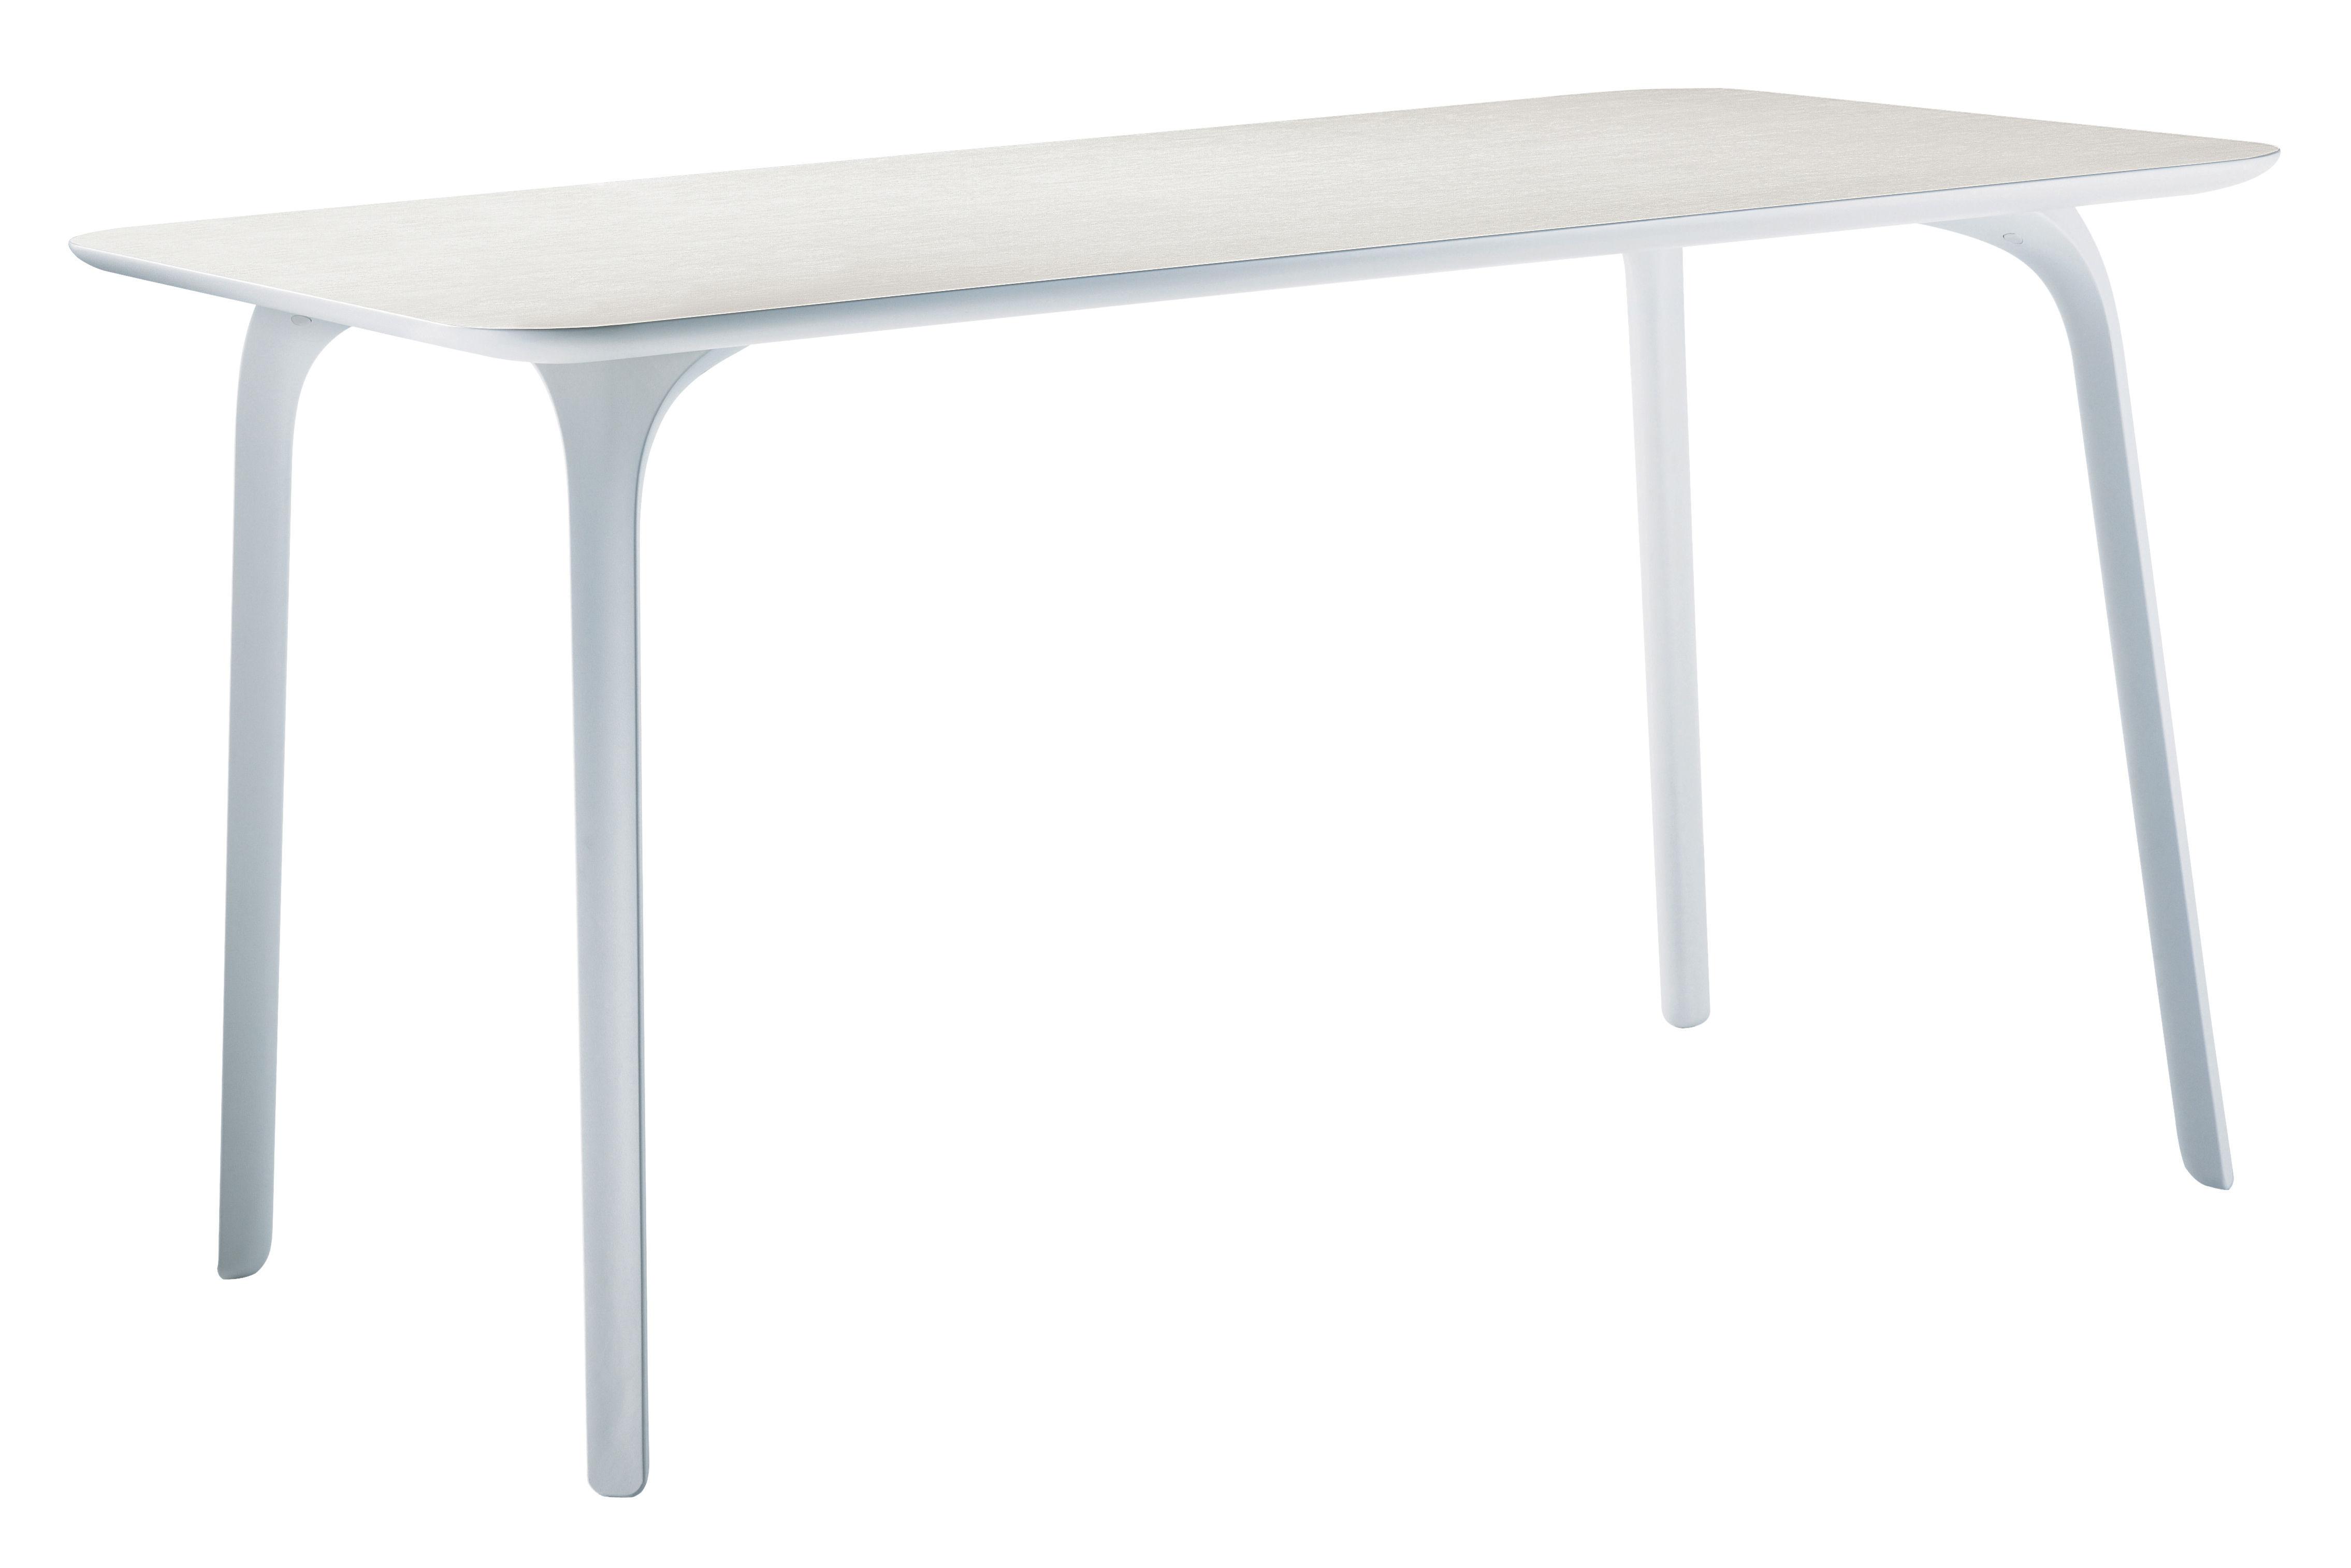 Rentrée 2011 UK - Bureau design - Table rectangulaire First / 140 x 80 cm - Pour l'intérieur - Magis - Pieds blancs/ plateau blanc - MDF verni, Polyamide